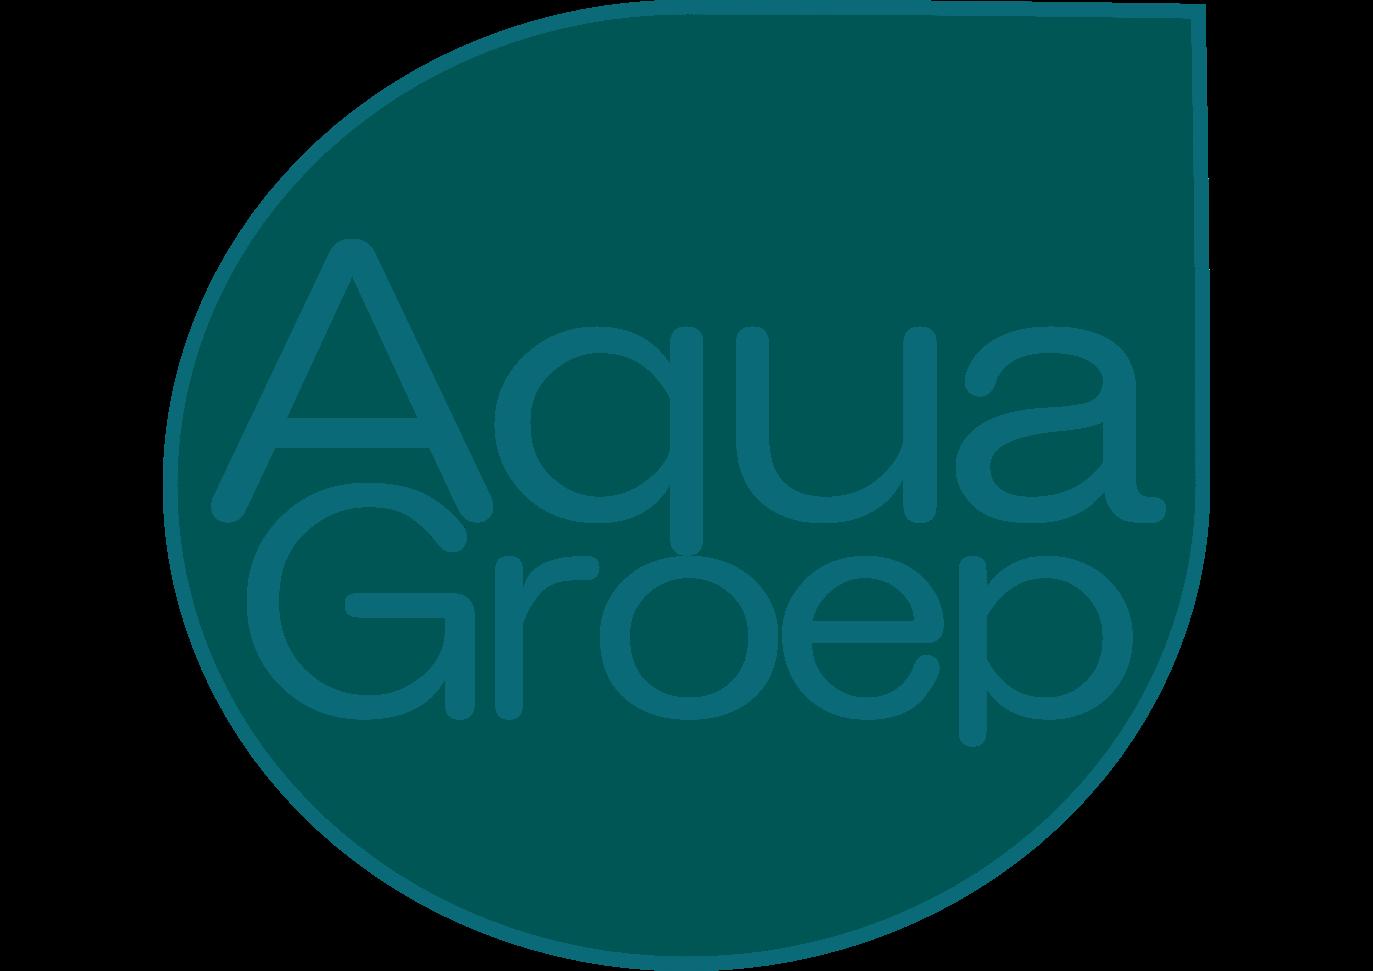 AquaGroep logo